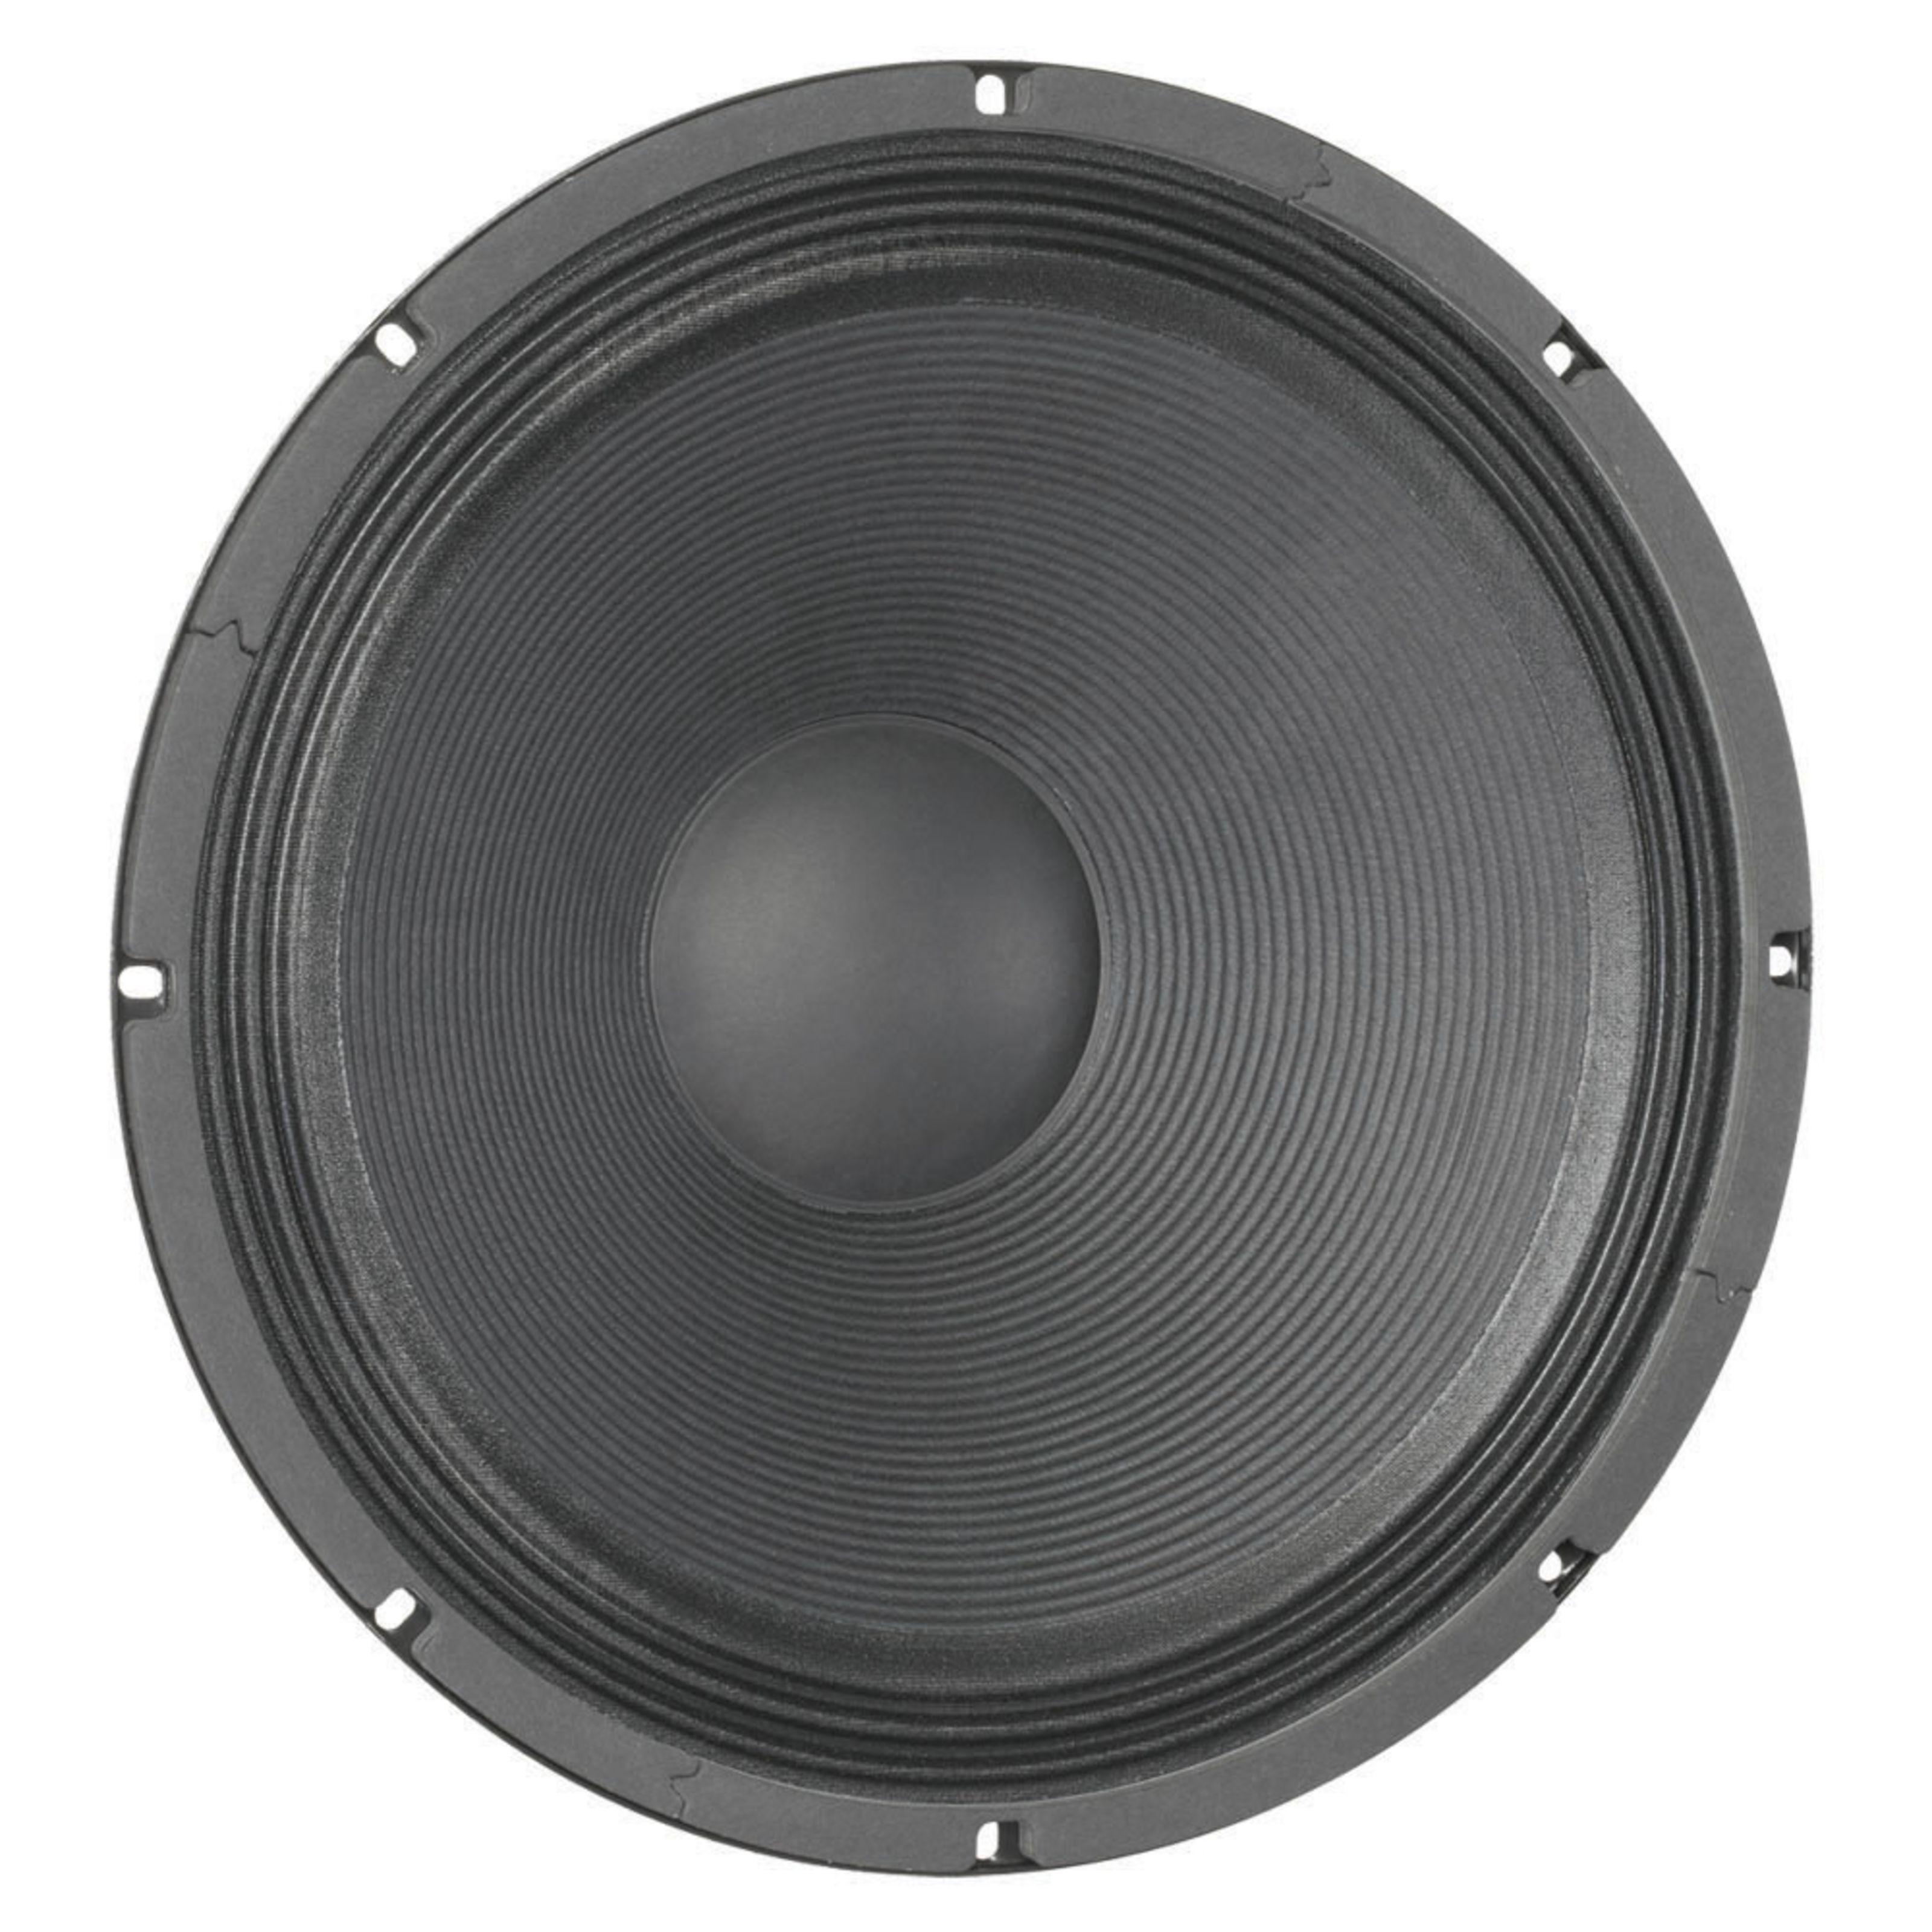 Eminence - Beta 15A, 15 Lautsprecher 300Watt/8Ohm, 45hz - 3,7kHz EB15A